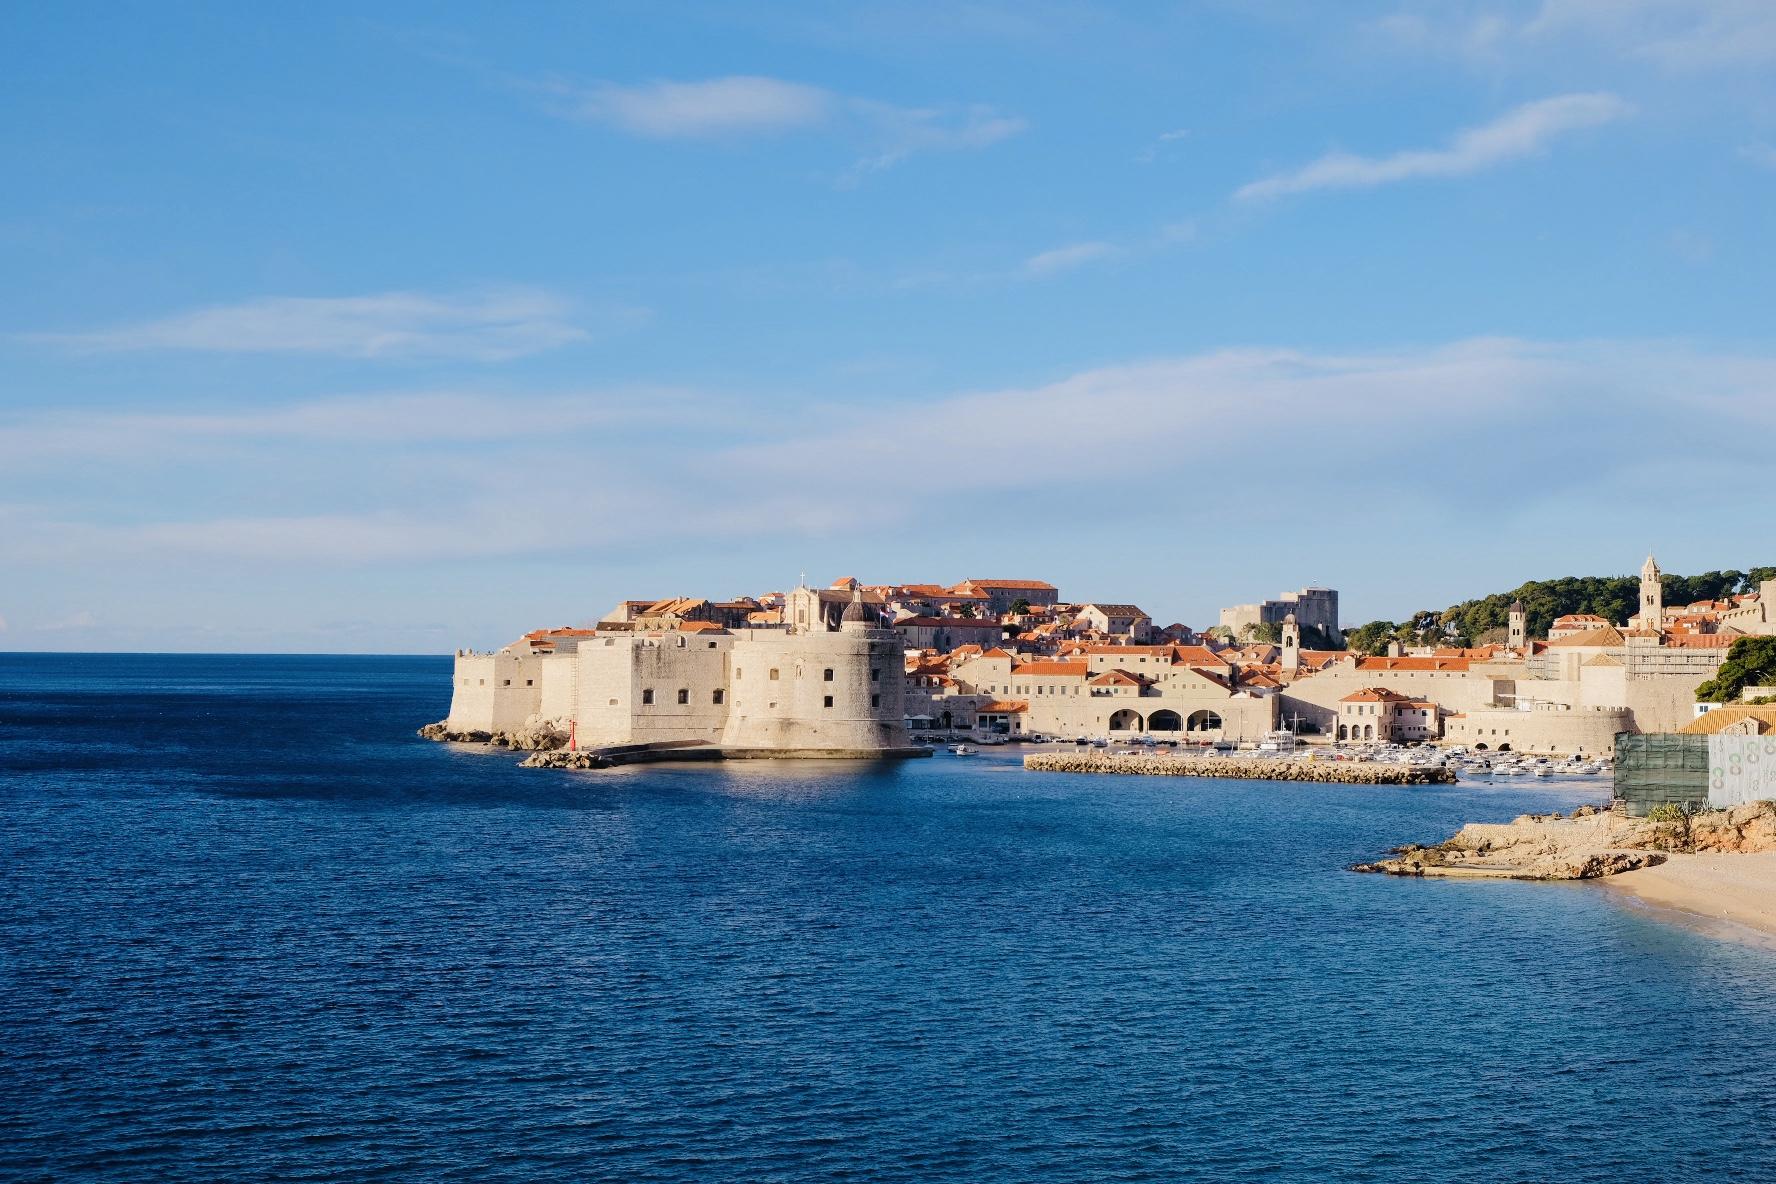 【製作秘話】No.50 Title:アドリア海のテラコッタ屋根(Dubrovnik;Croatia)